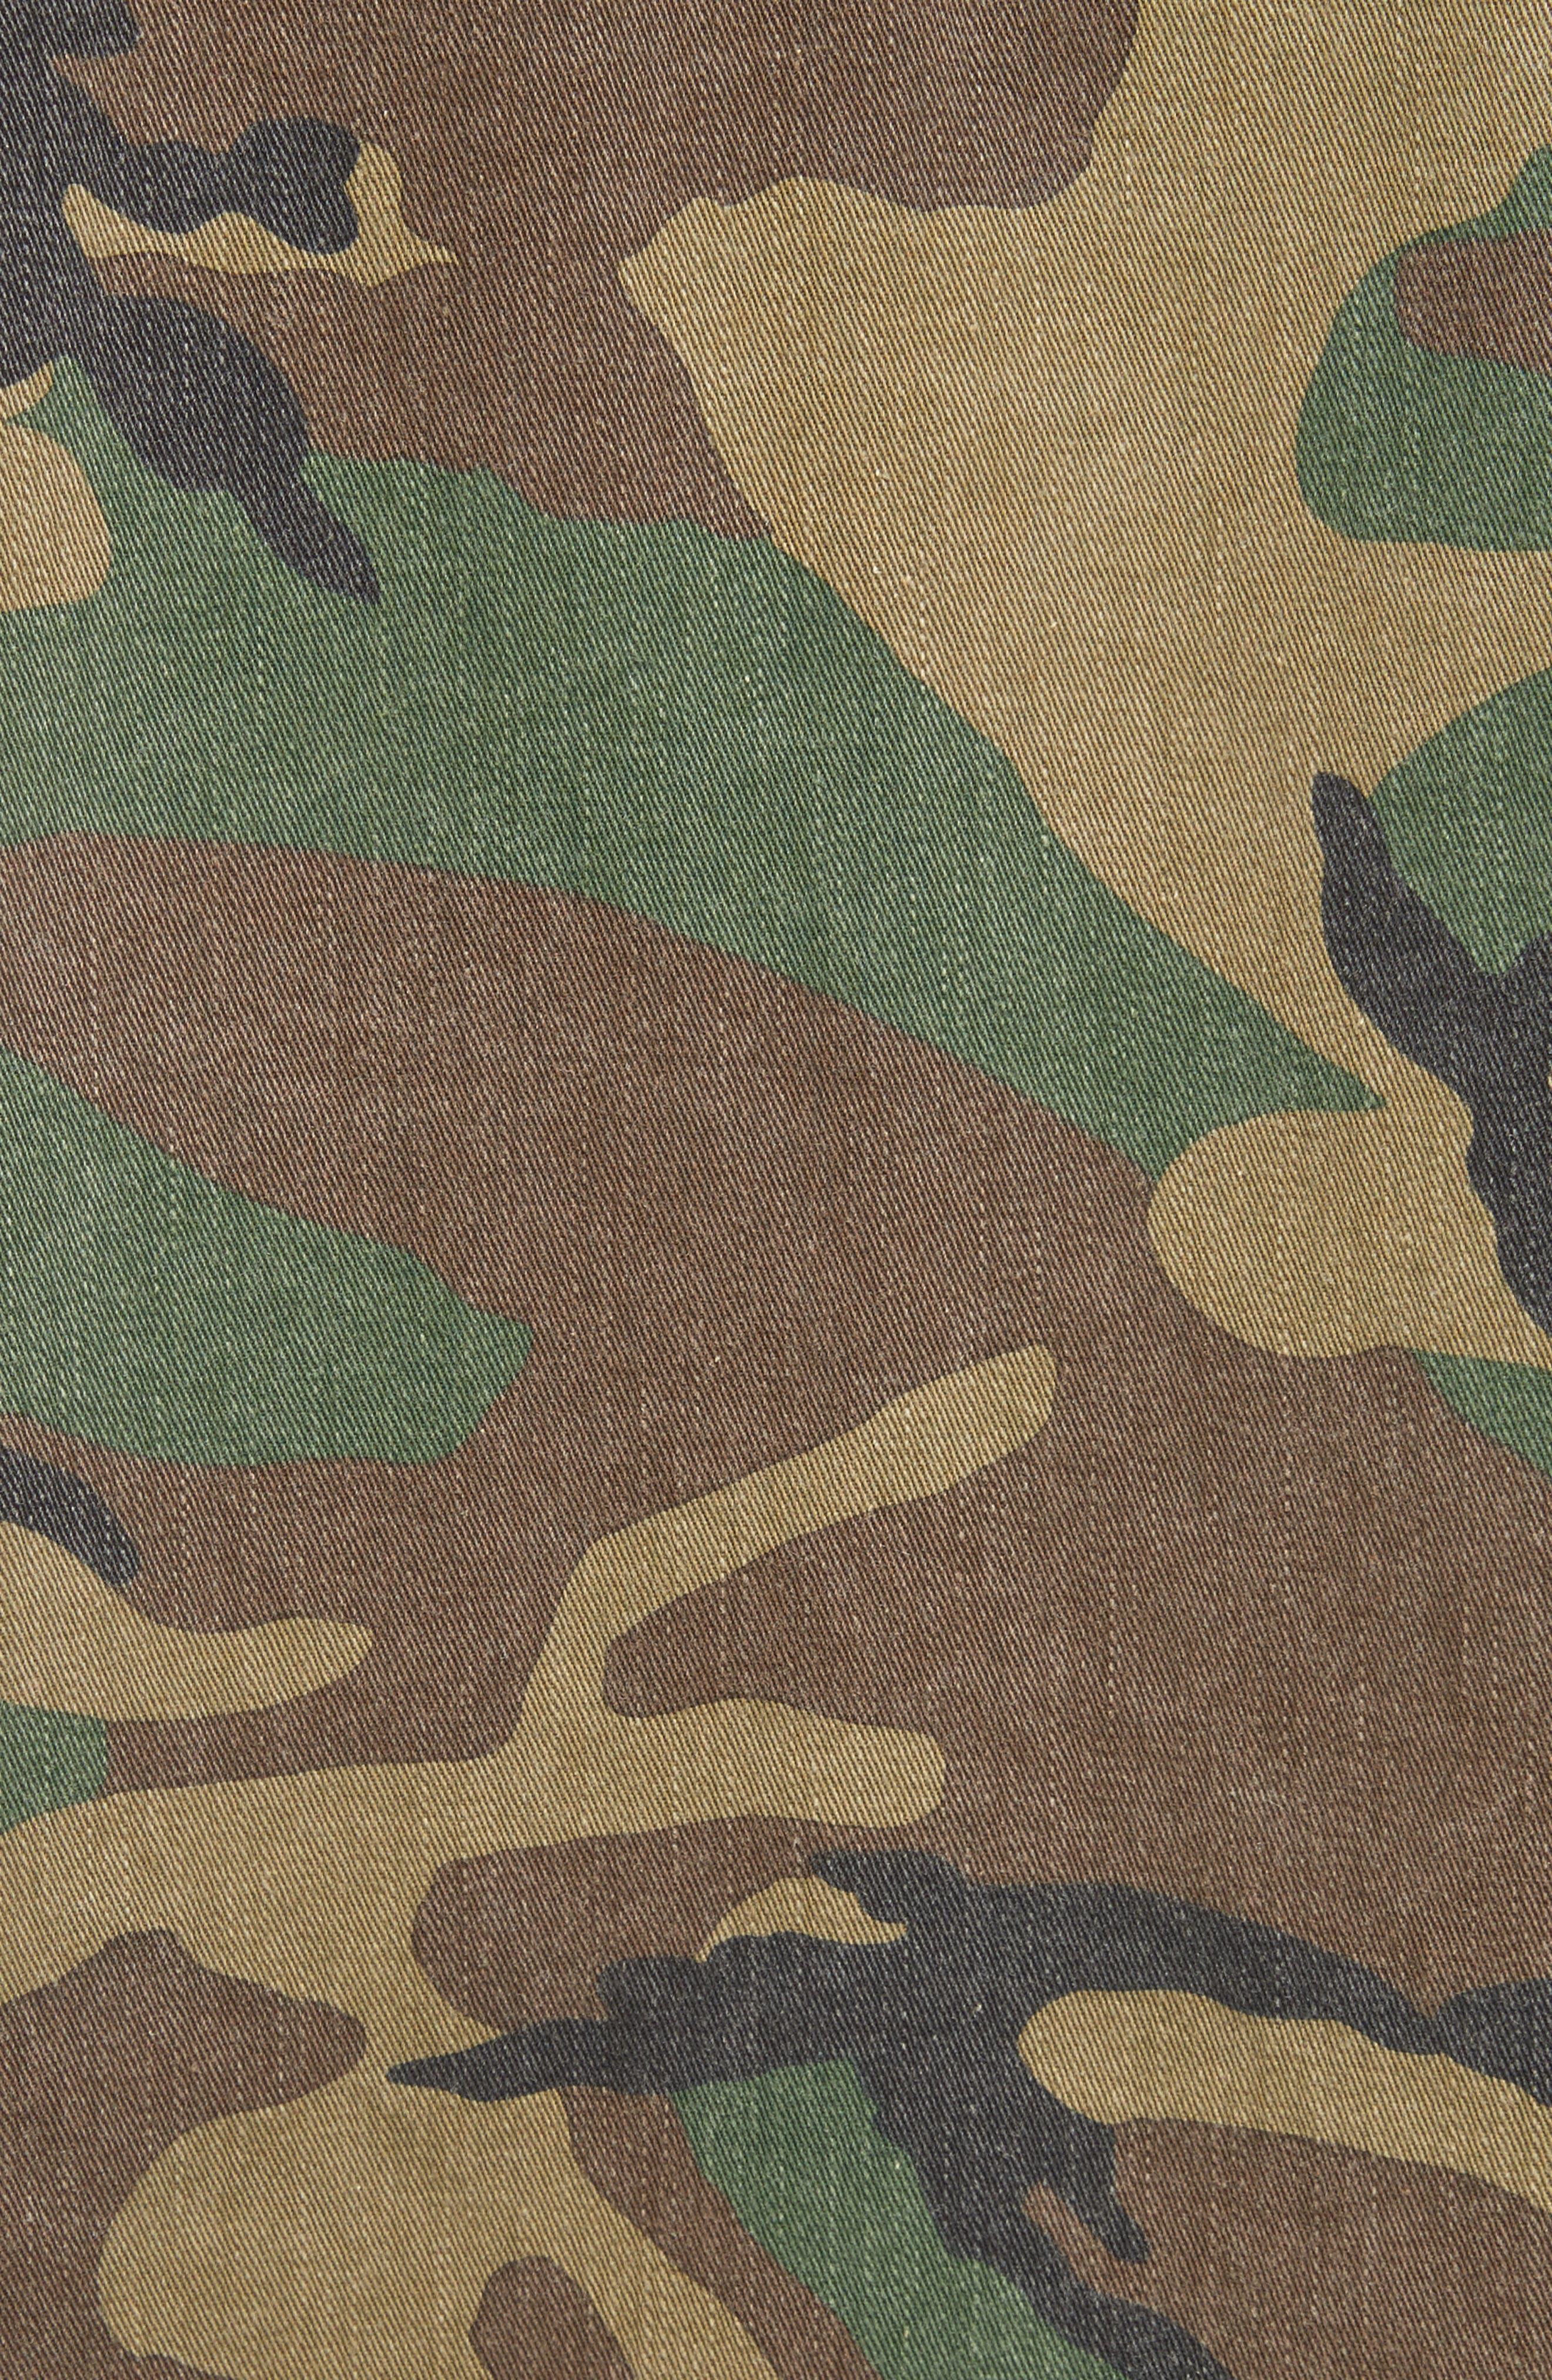 Studded Camouflage Jacket,                             Alternate thumbnail 5, color,                             Khaki